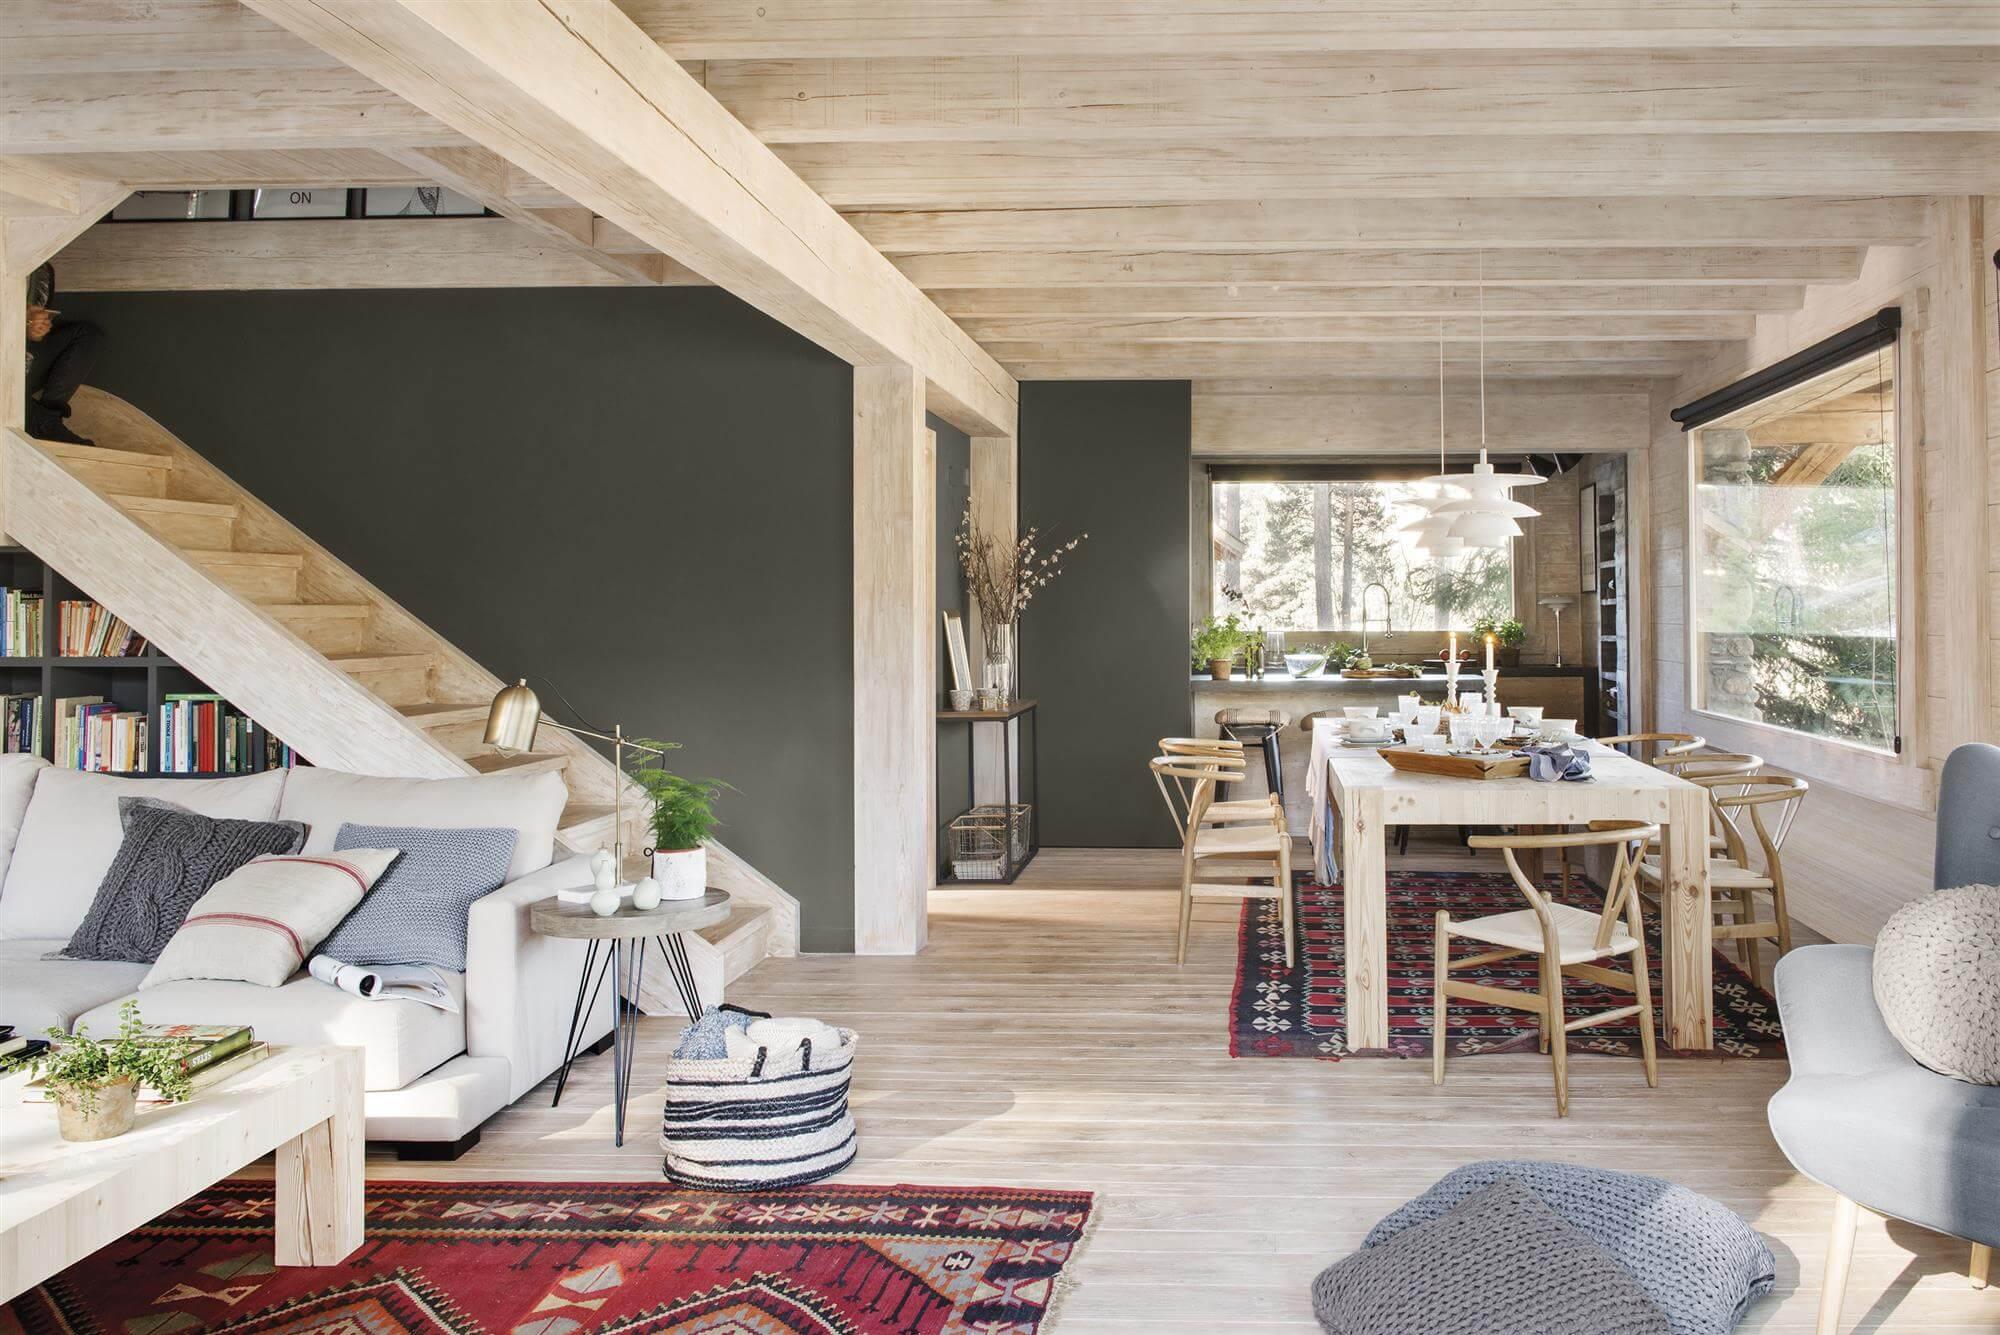 Внутренний дизайн дачного дома